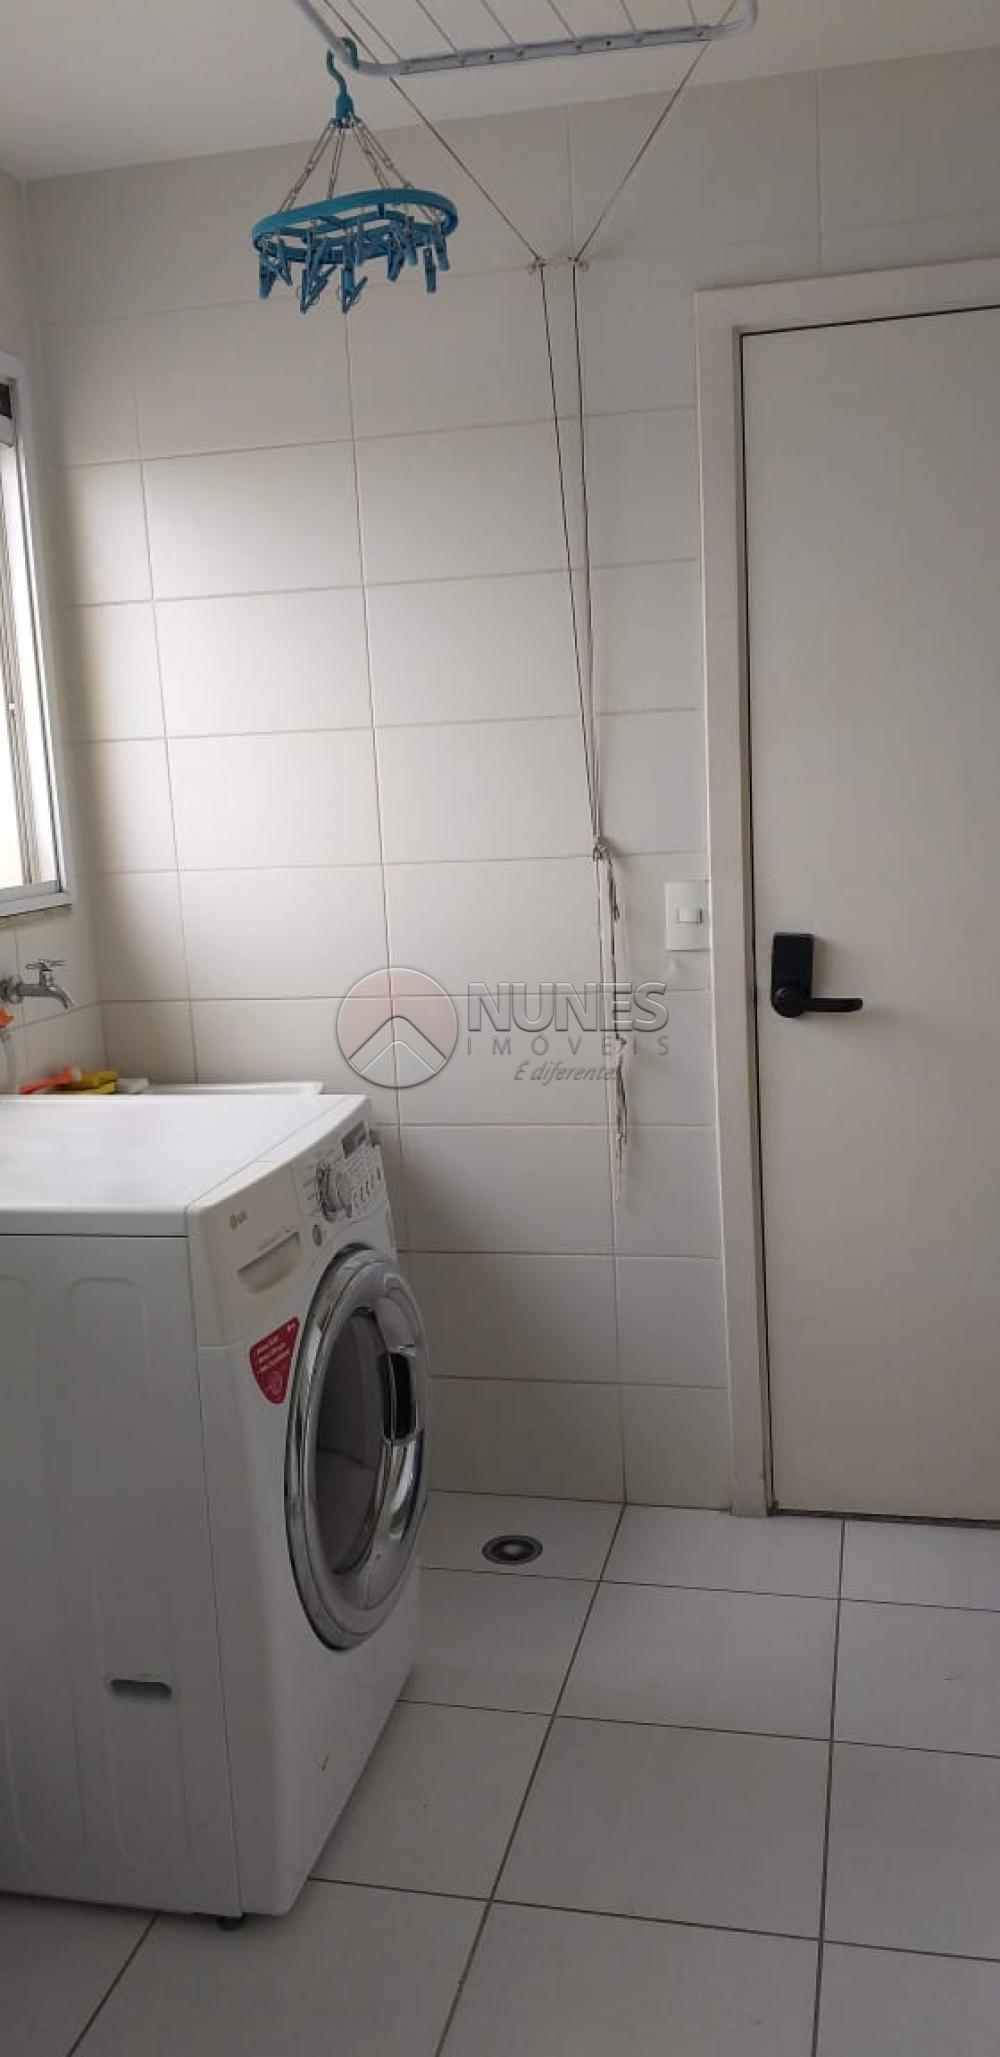 Comprar Apartamento / Padrão em São Paulo apenas R$ 1.915.000,00 - Foto 30